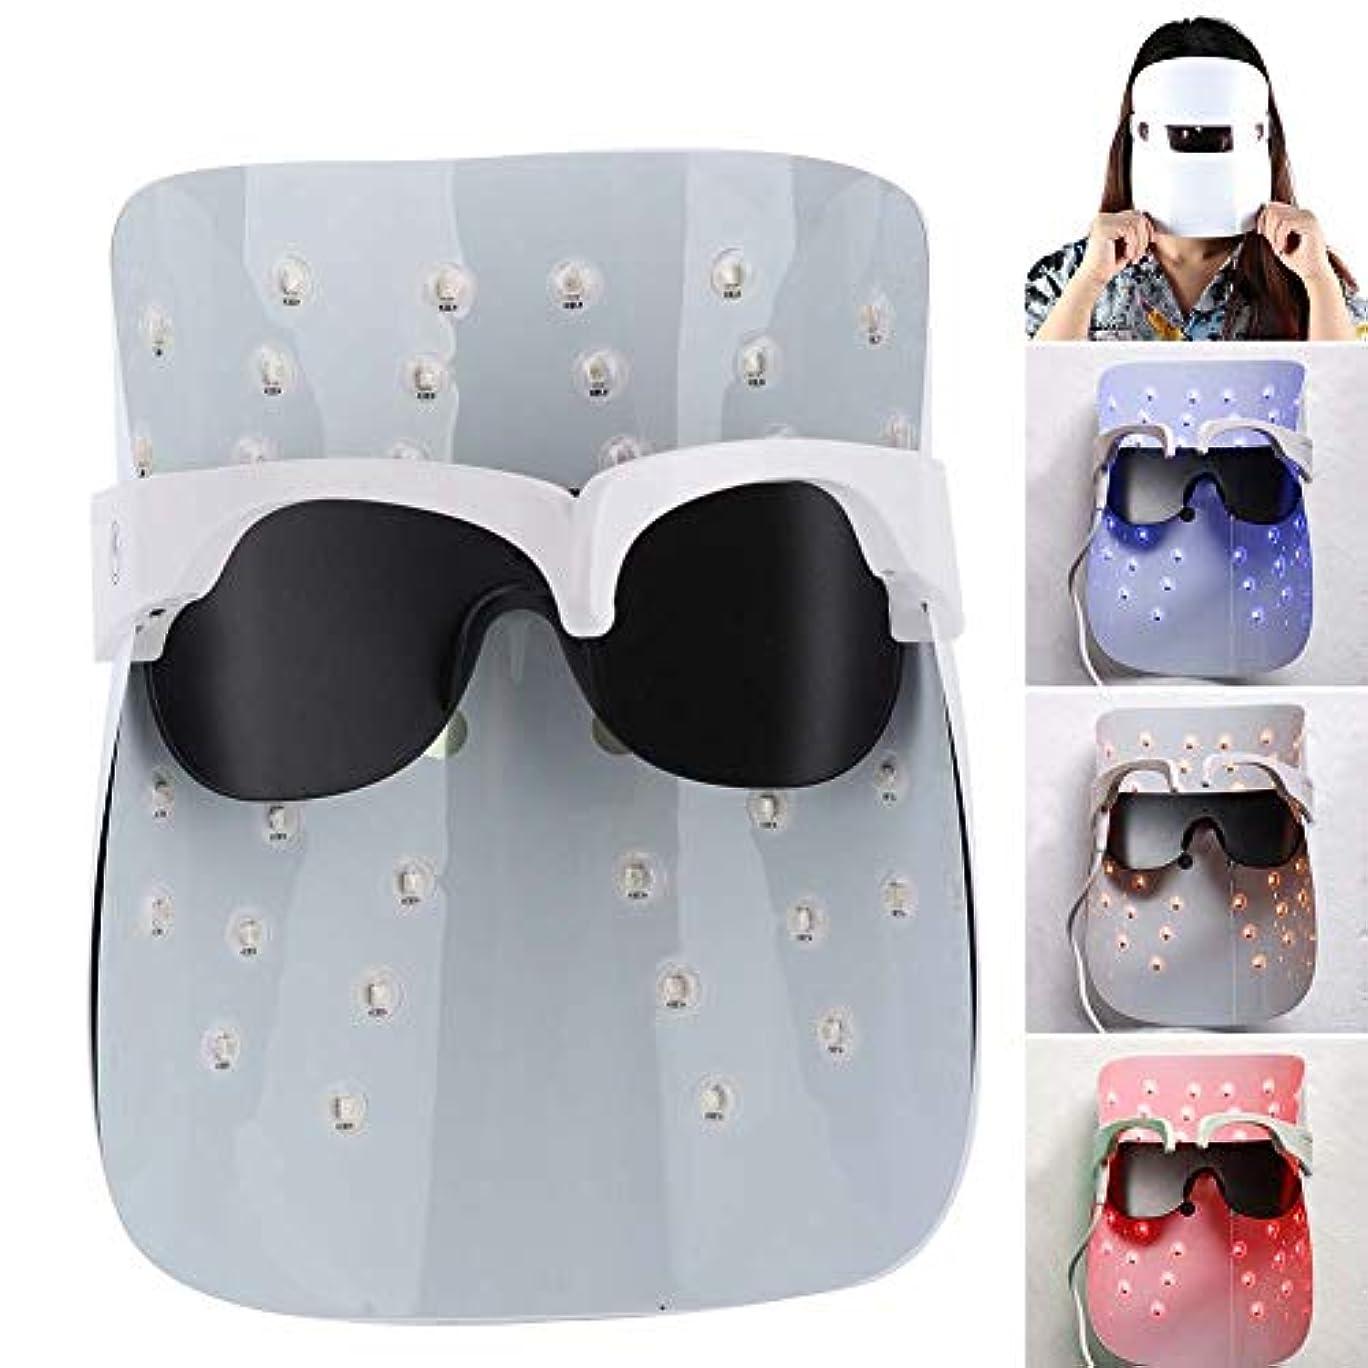 シャッフル本能うがいフェイスマスク装置、肌の若返りにきび除去抗シワ美容機